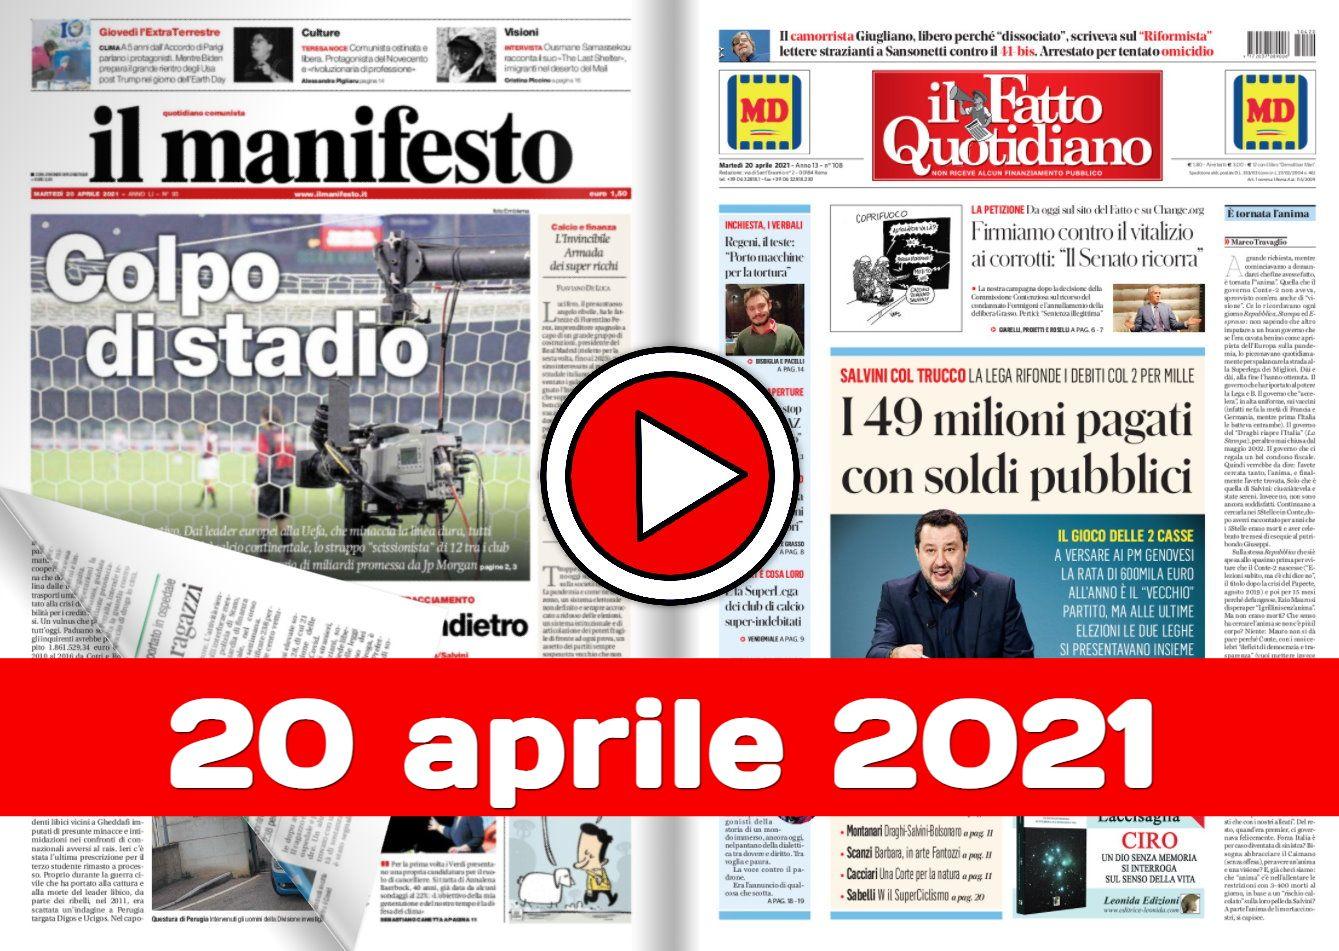 La video rassegna stampa del 20 aprile 2021, prime in pdf